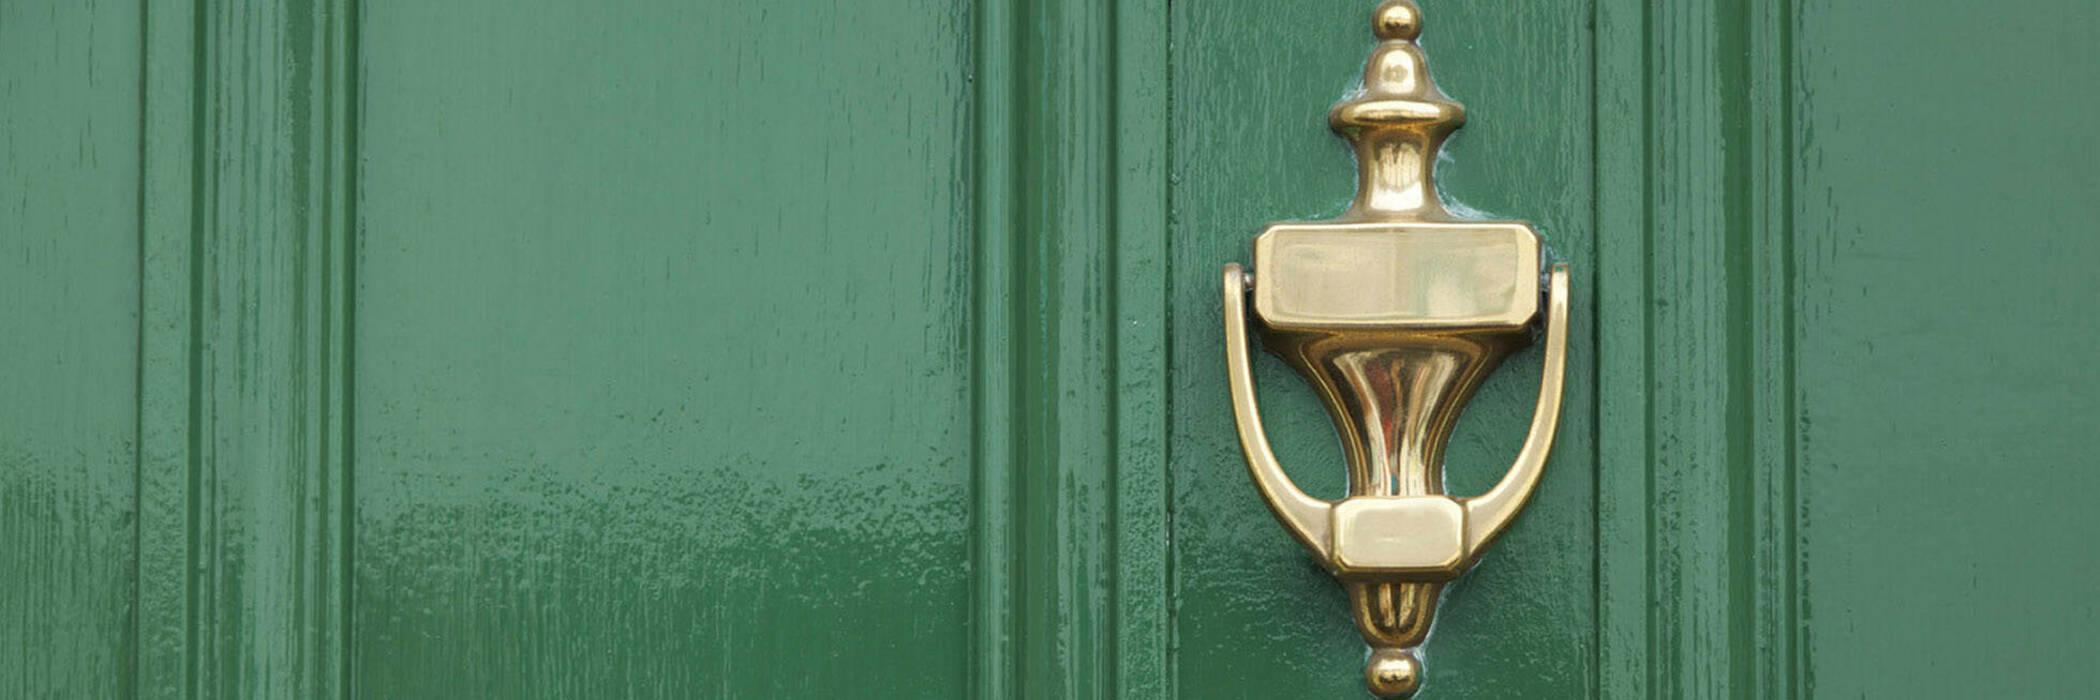 15apr door to door sales tactics alarming hero